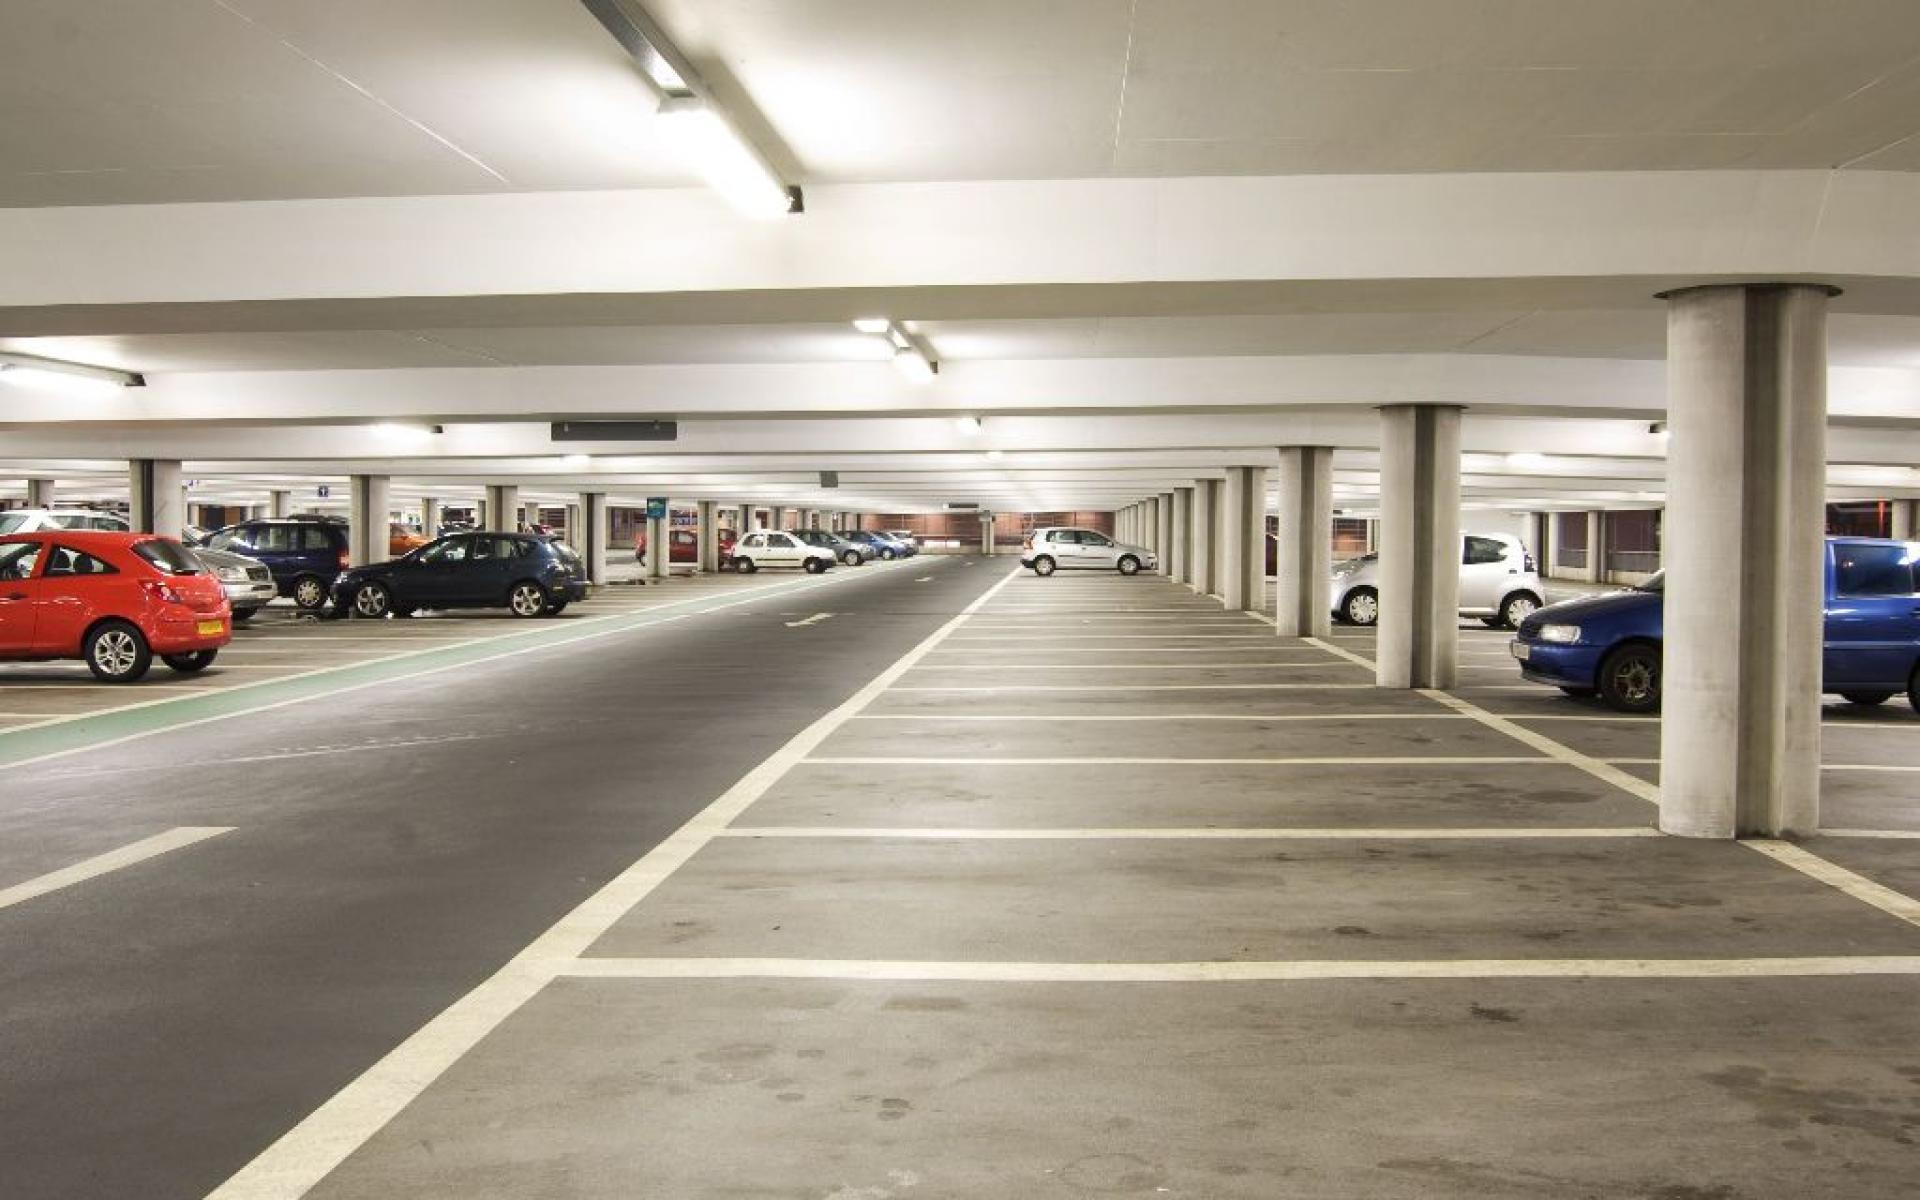 Parking Nice : se garer en ville rapidement